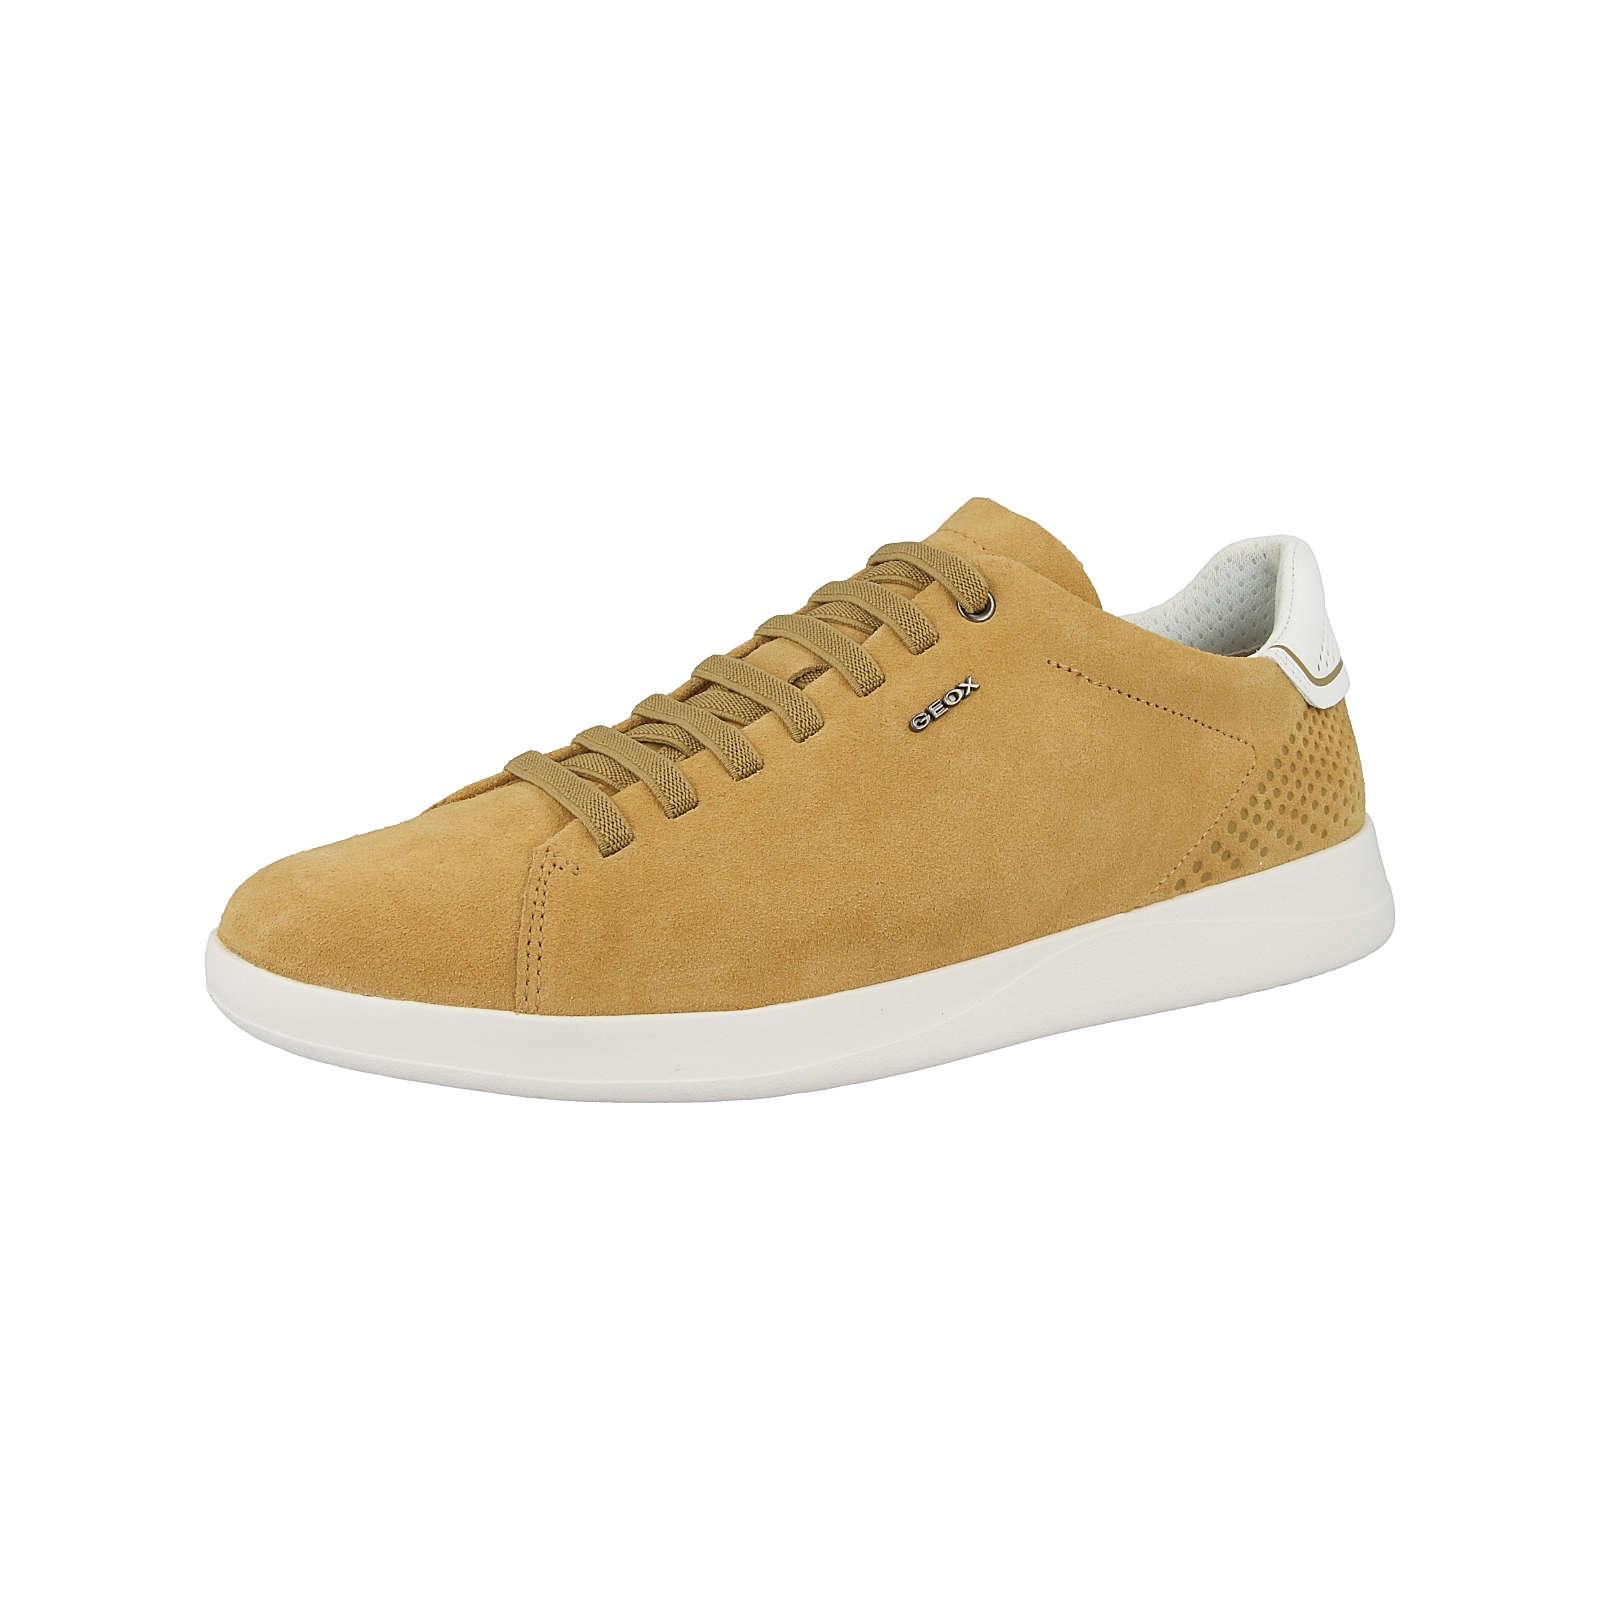 GEOX Schuhe U Kennet B Sneakers Low gelb Herren Gr. 44